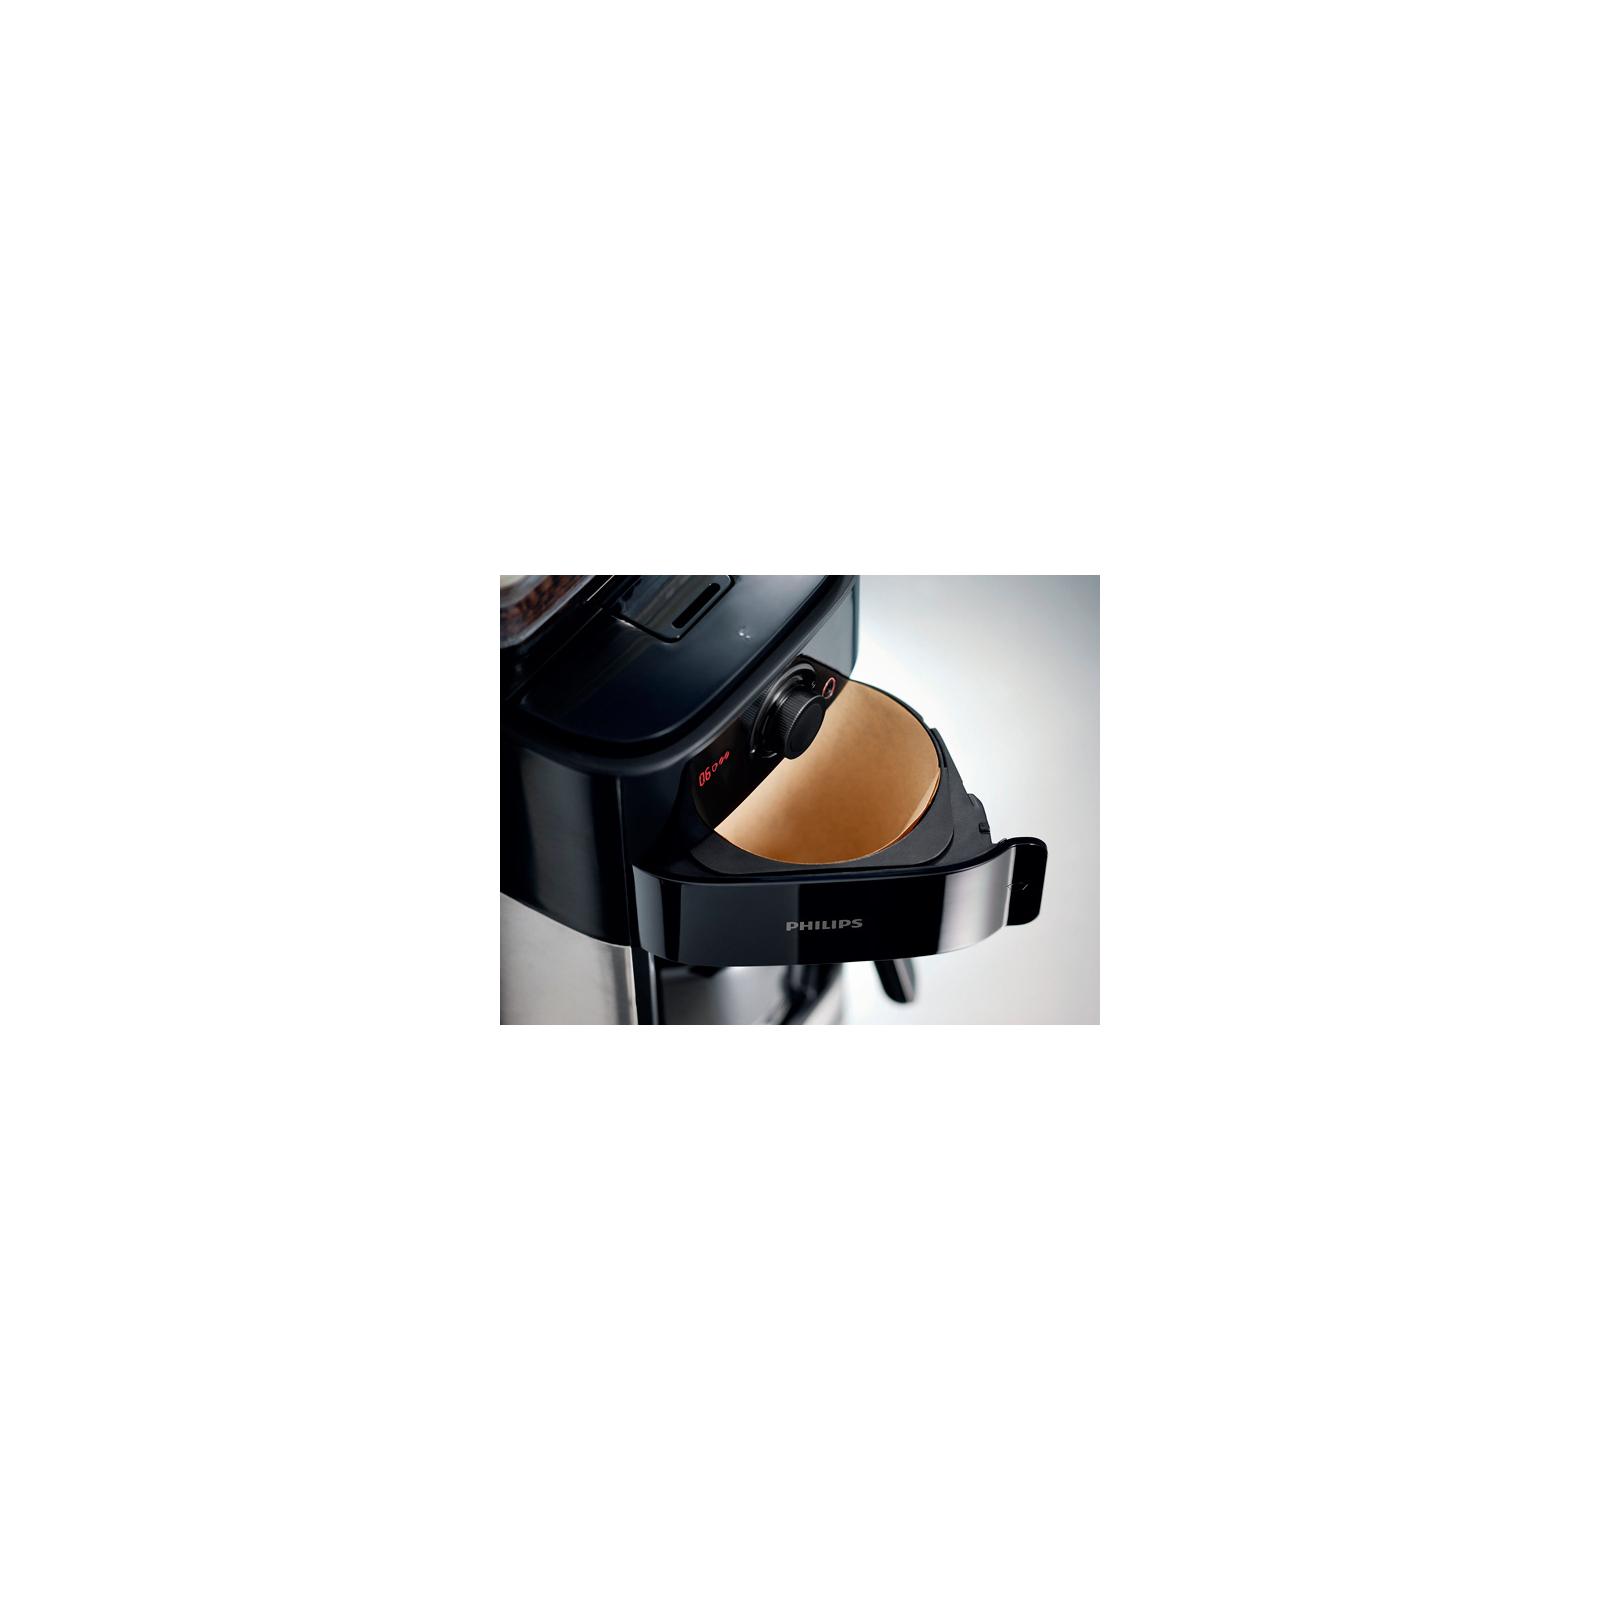 Кофеварка PHILIPS HD7761/00 изображение 3